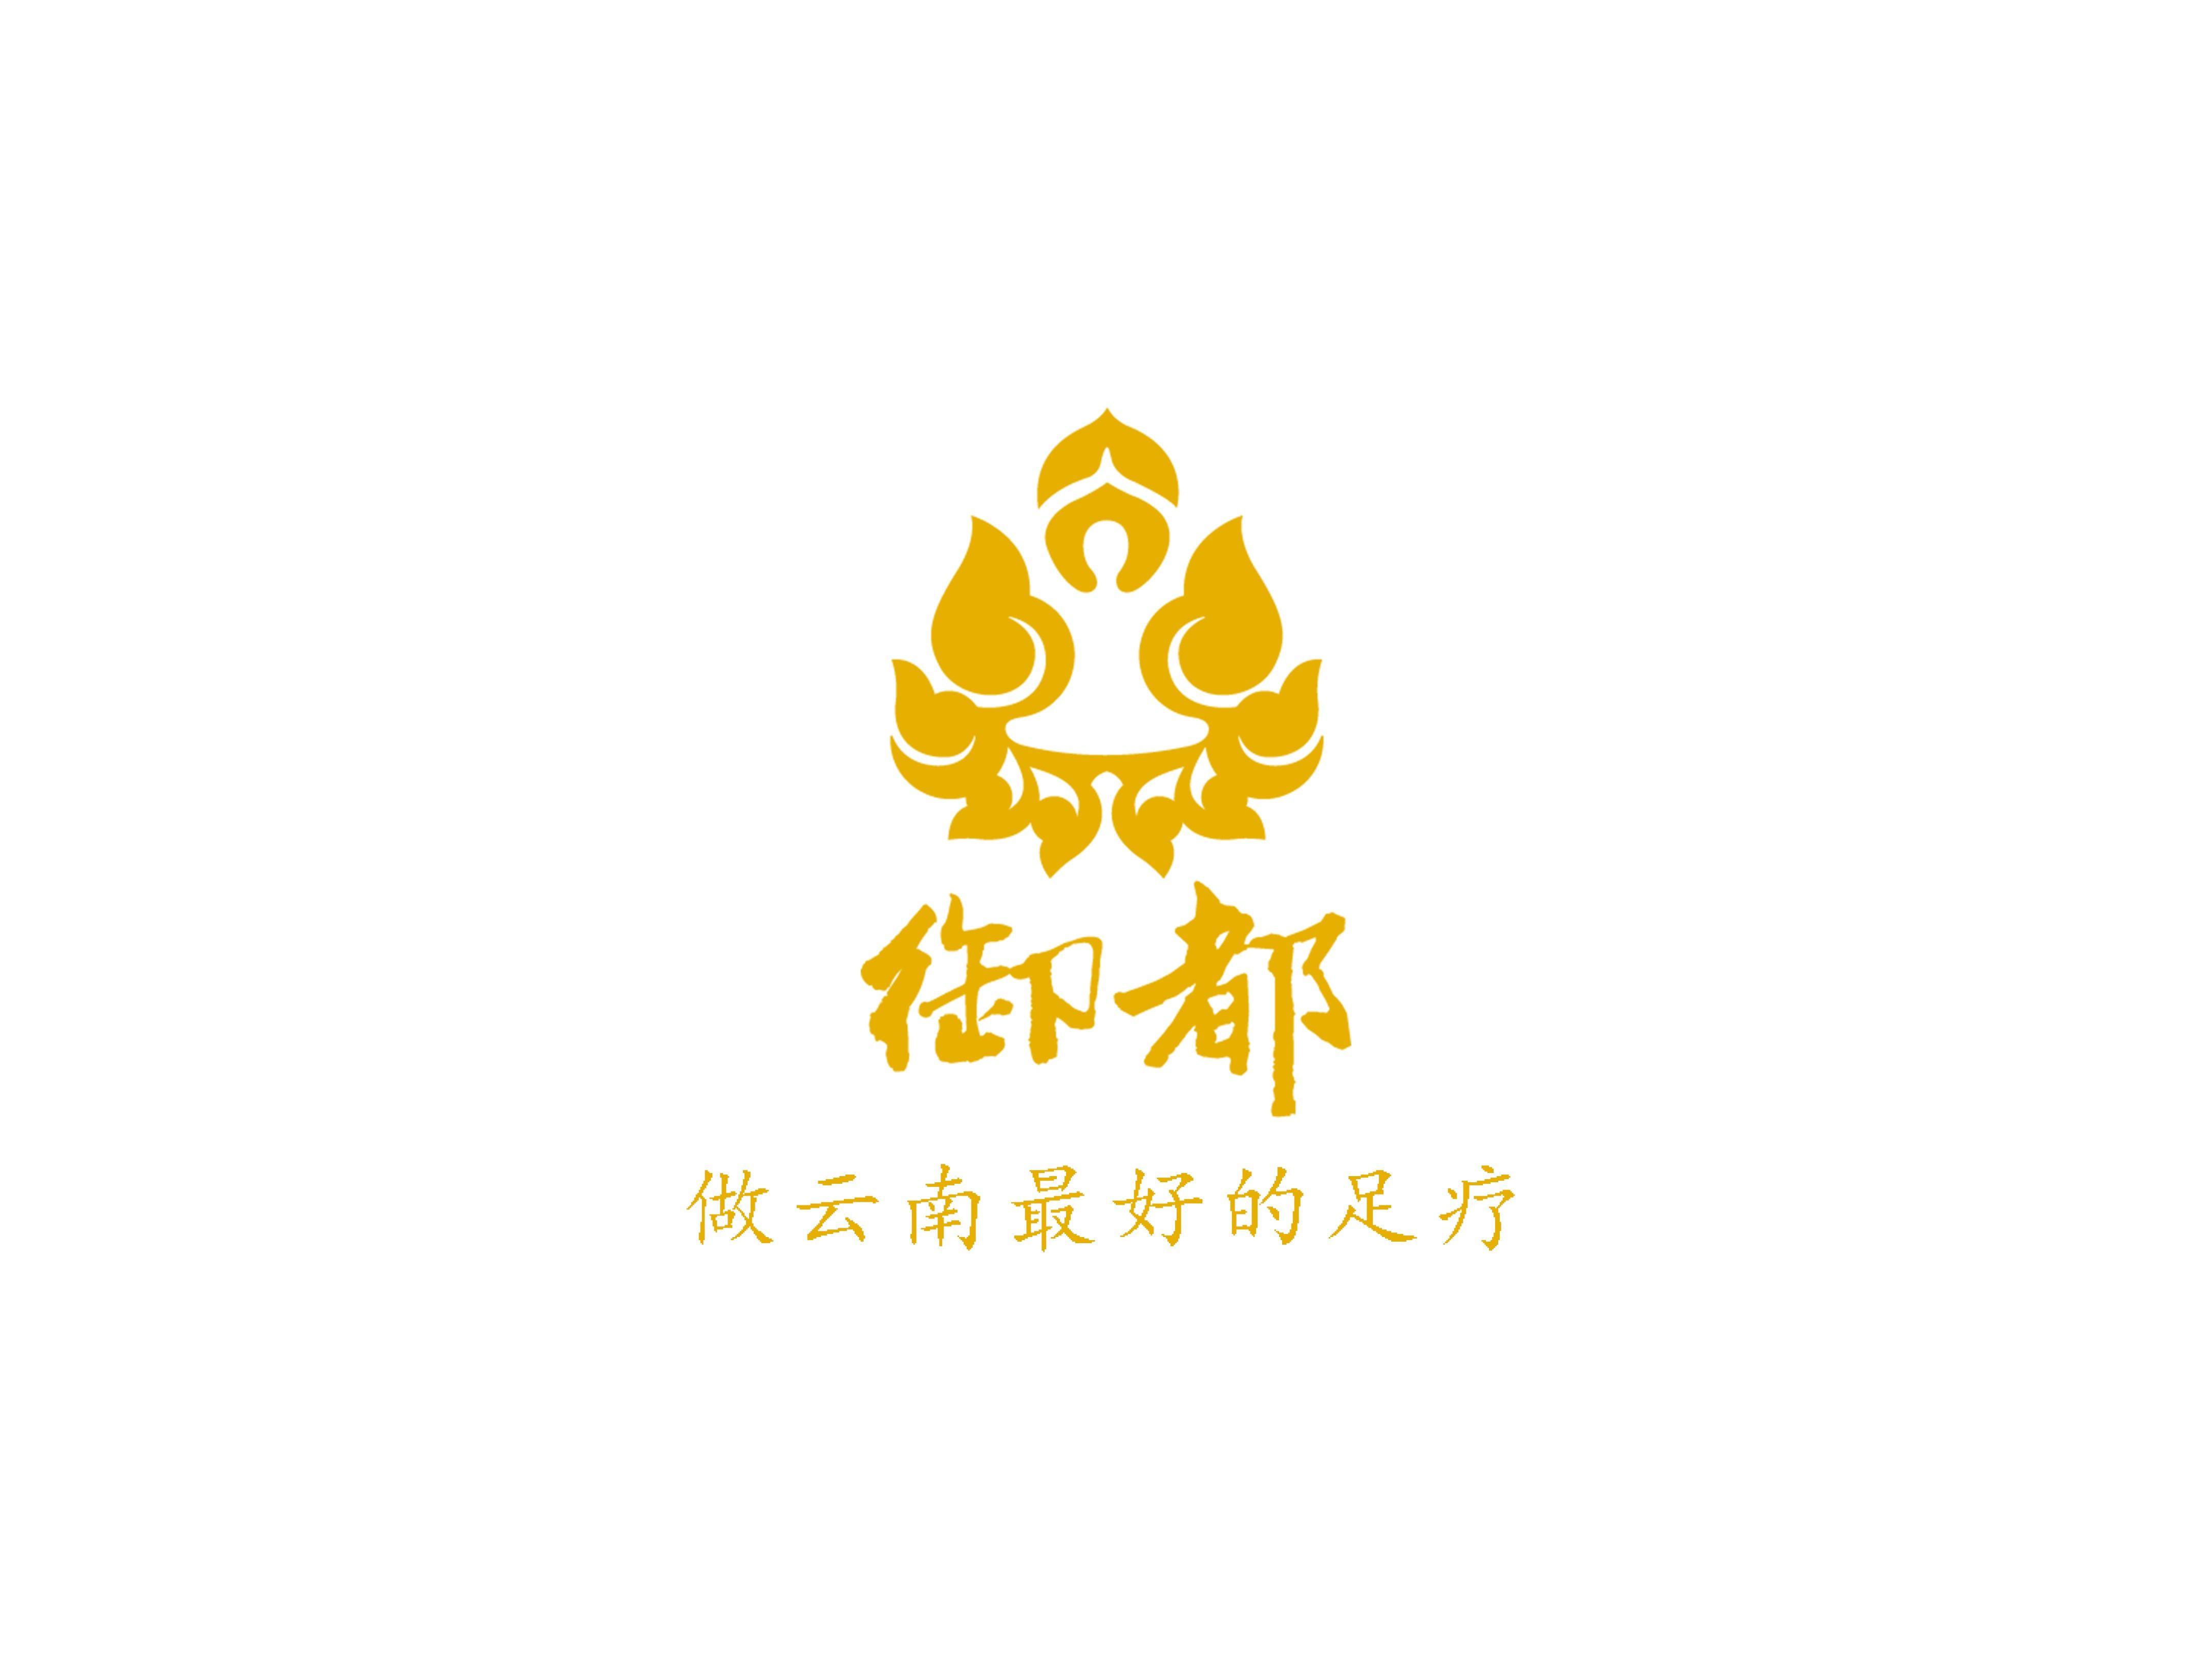 logo logo 标志 设计 矢量 矢量图 素材 图标 3325_2500